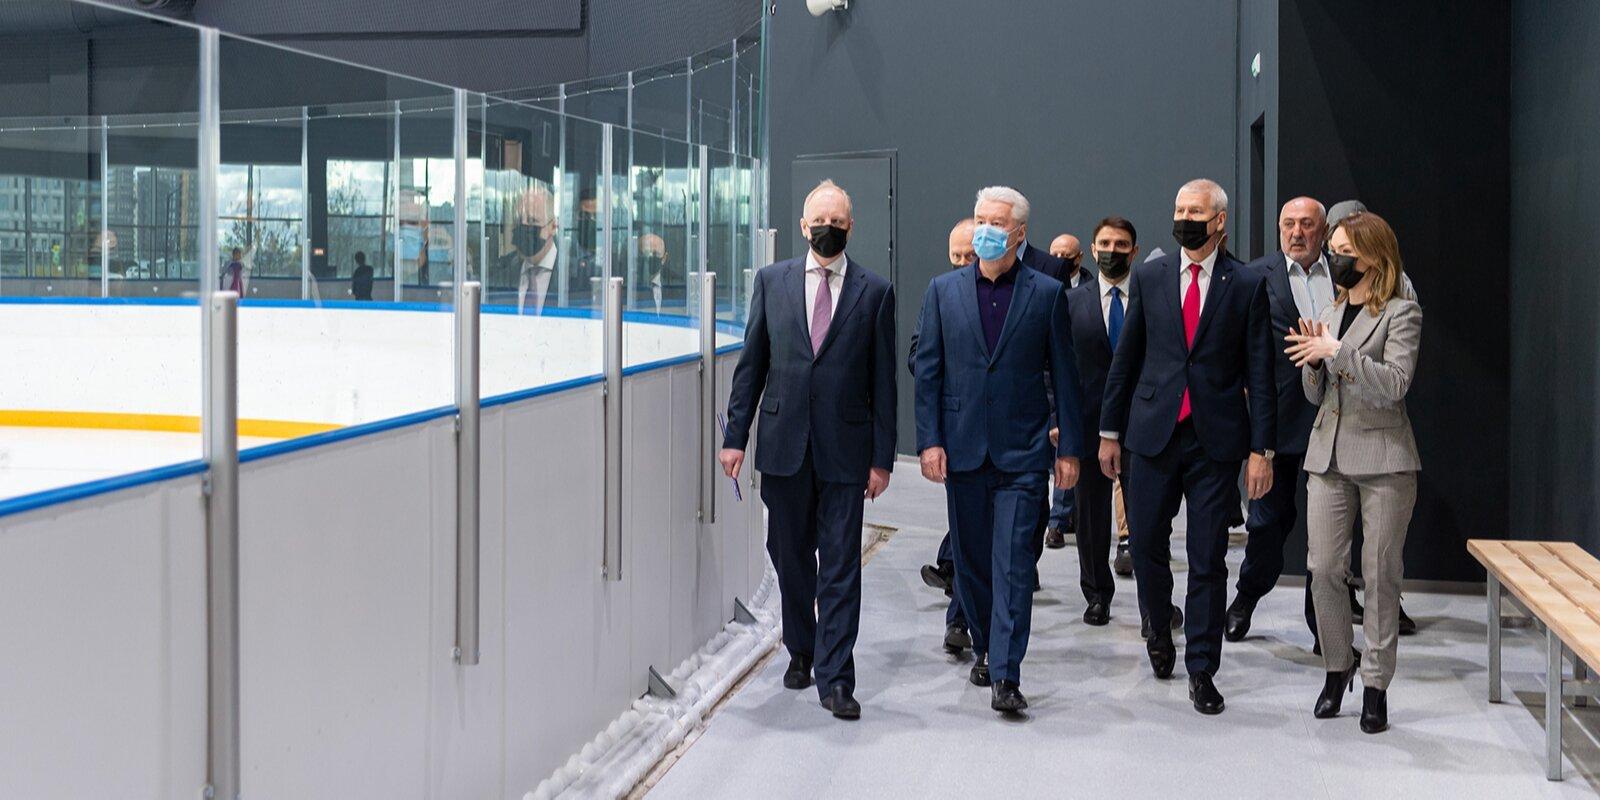 Собянин осмотрел новый спорткомплекс Чкалов Арена в СЗАО